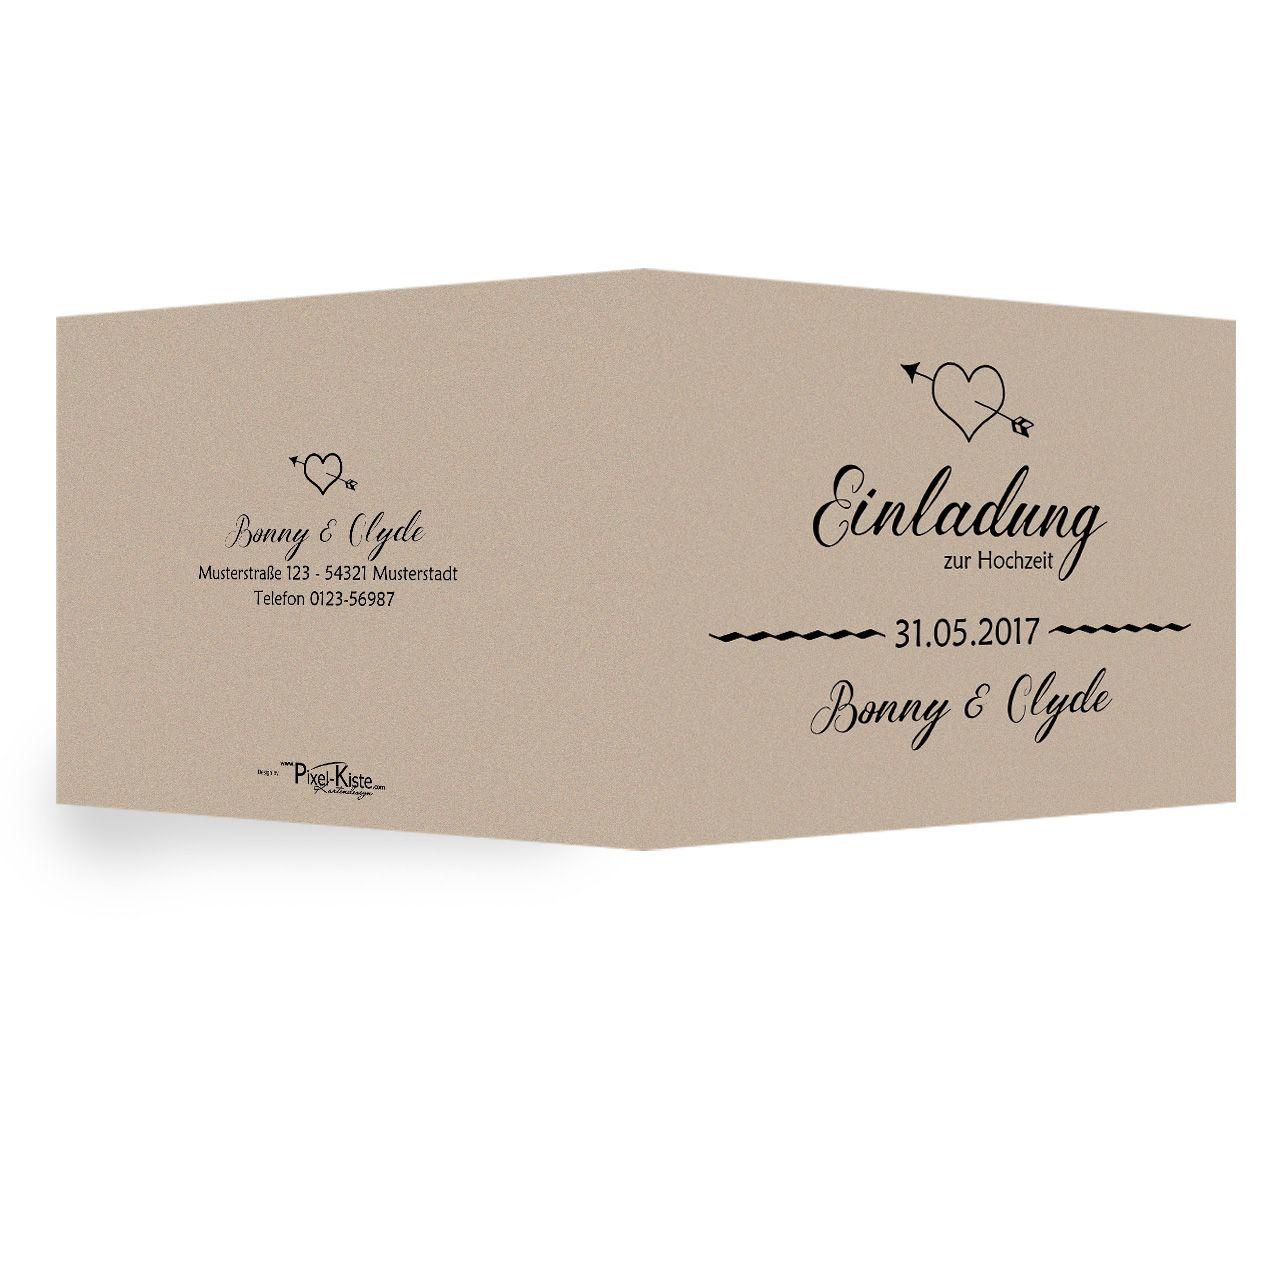 Hochzeitseinladungen vintage ab 060 euro online drucken lassen savethedate einladungen einladungskarten hochzeitseinladungen hochzeit hochzeitskarten